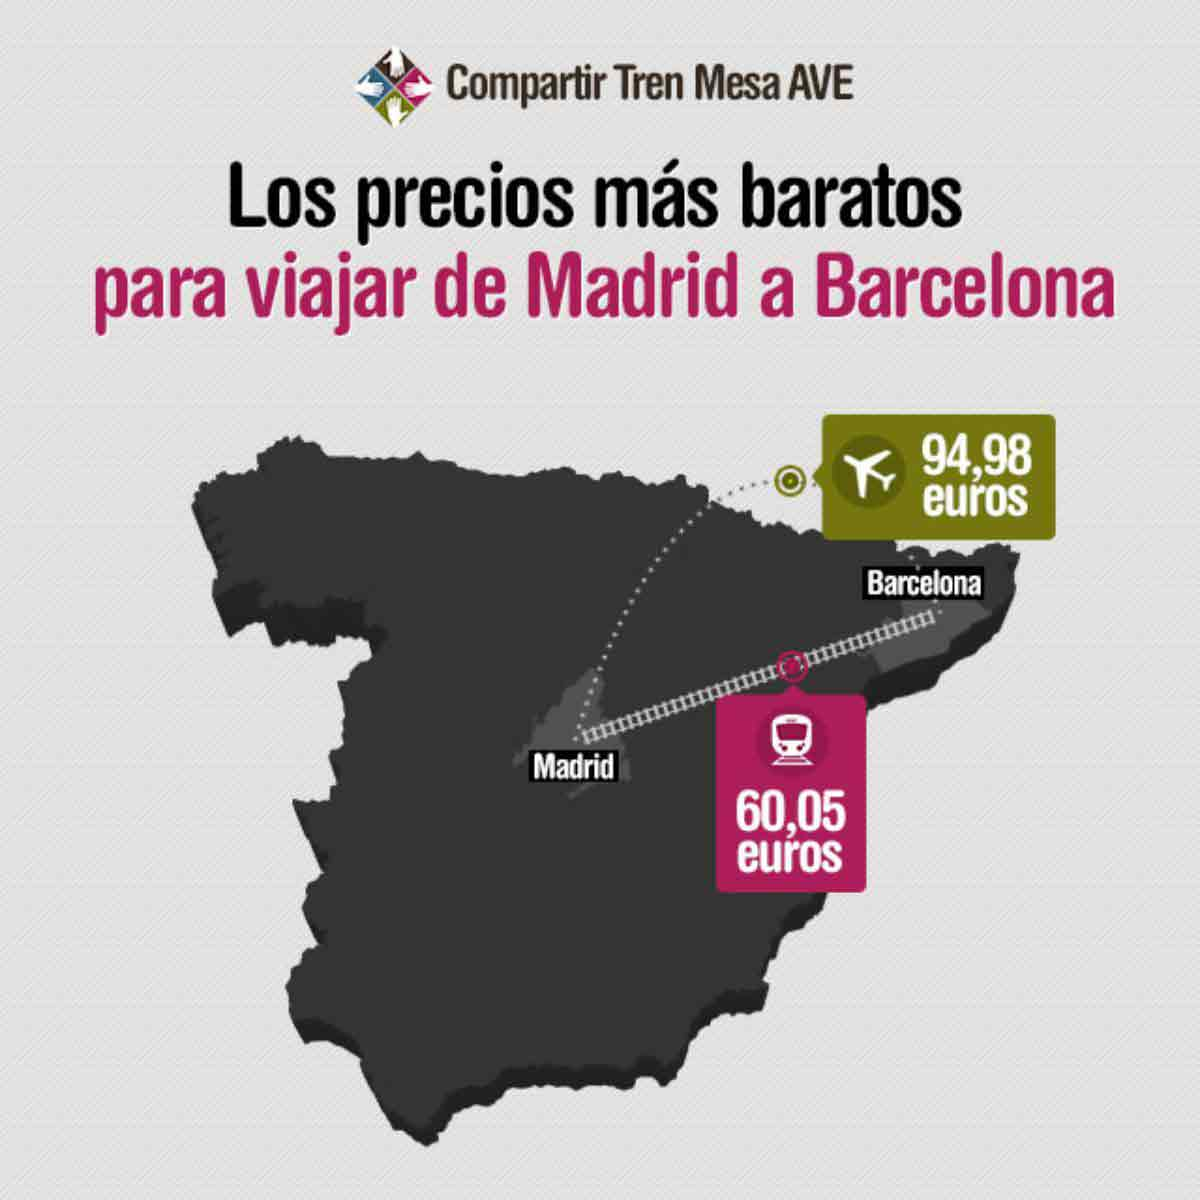 Viajar en AVE de Madrid a Barcelona es casi 35 euros más barato que el avión